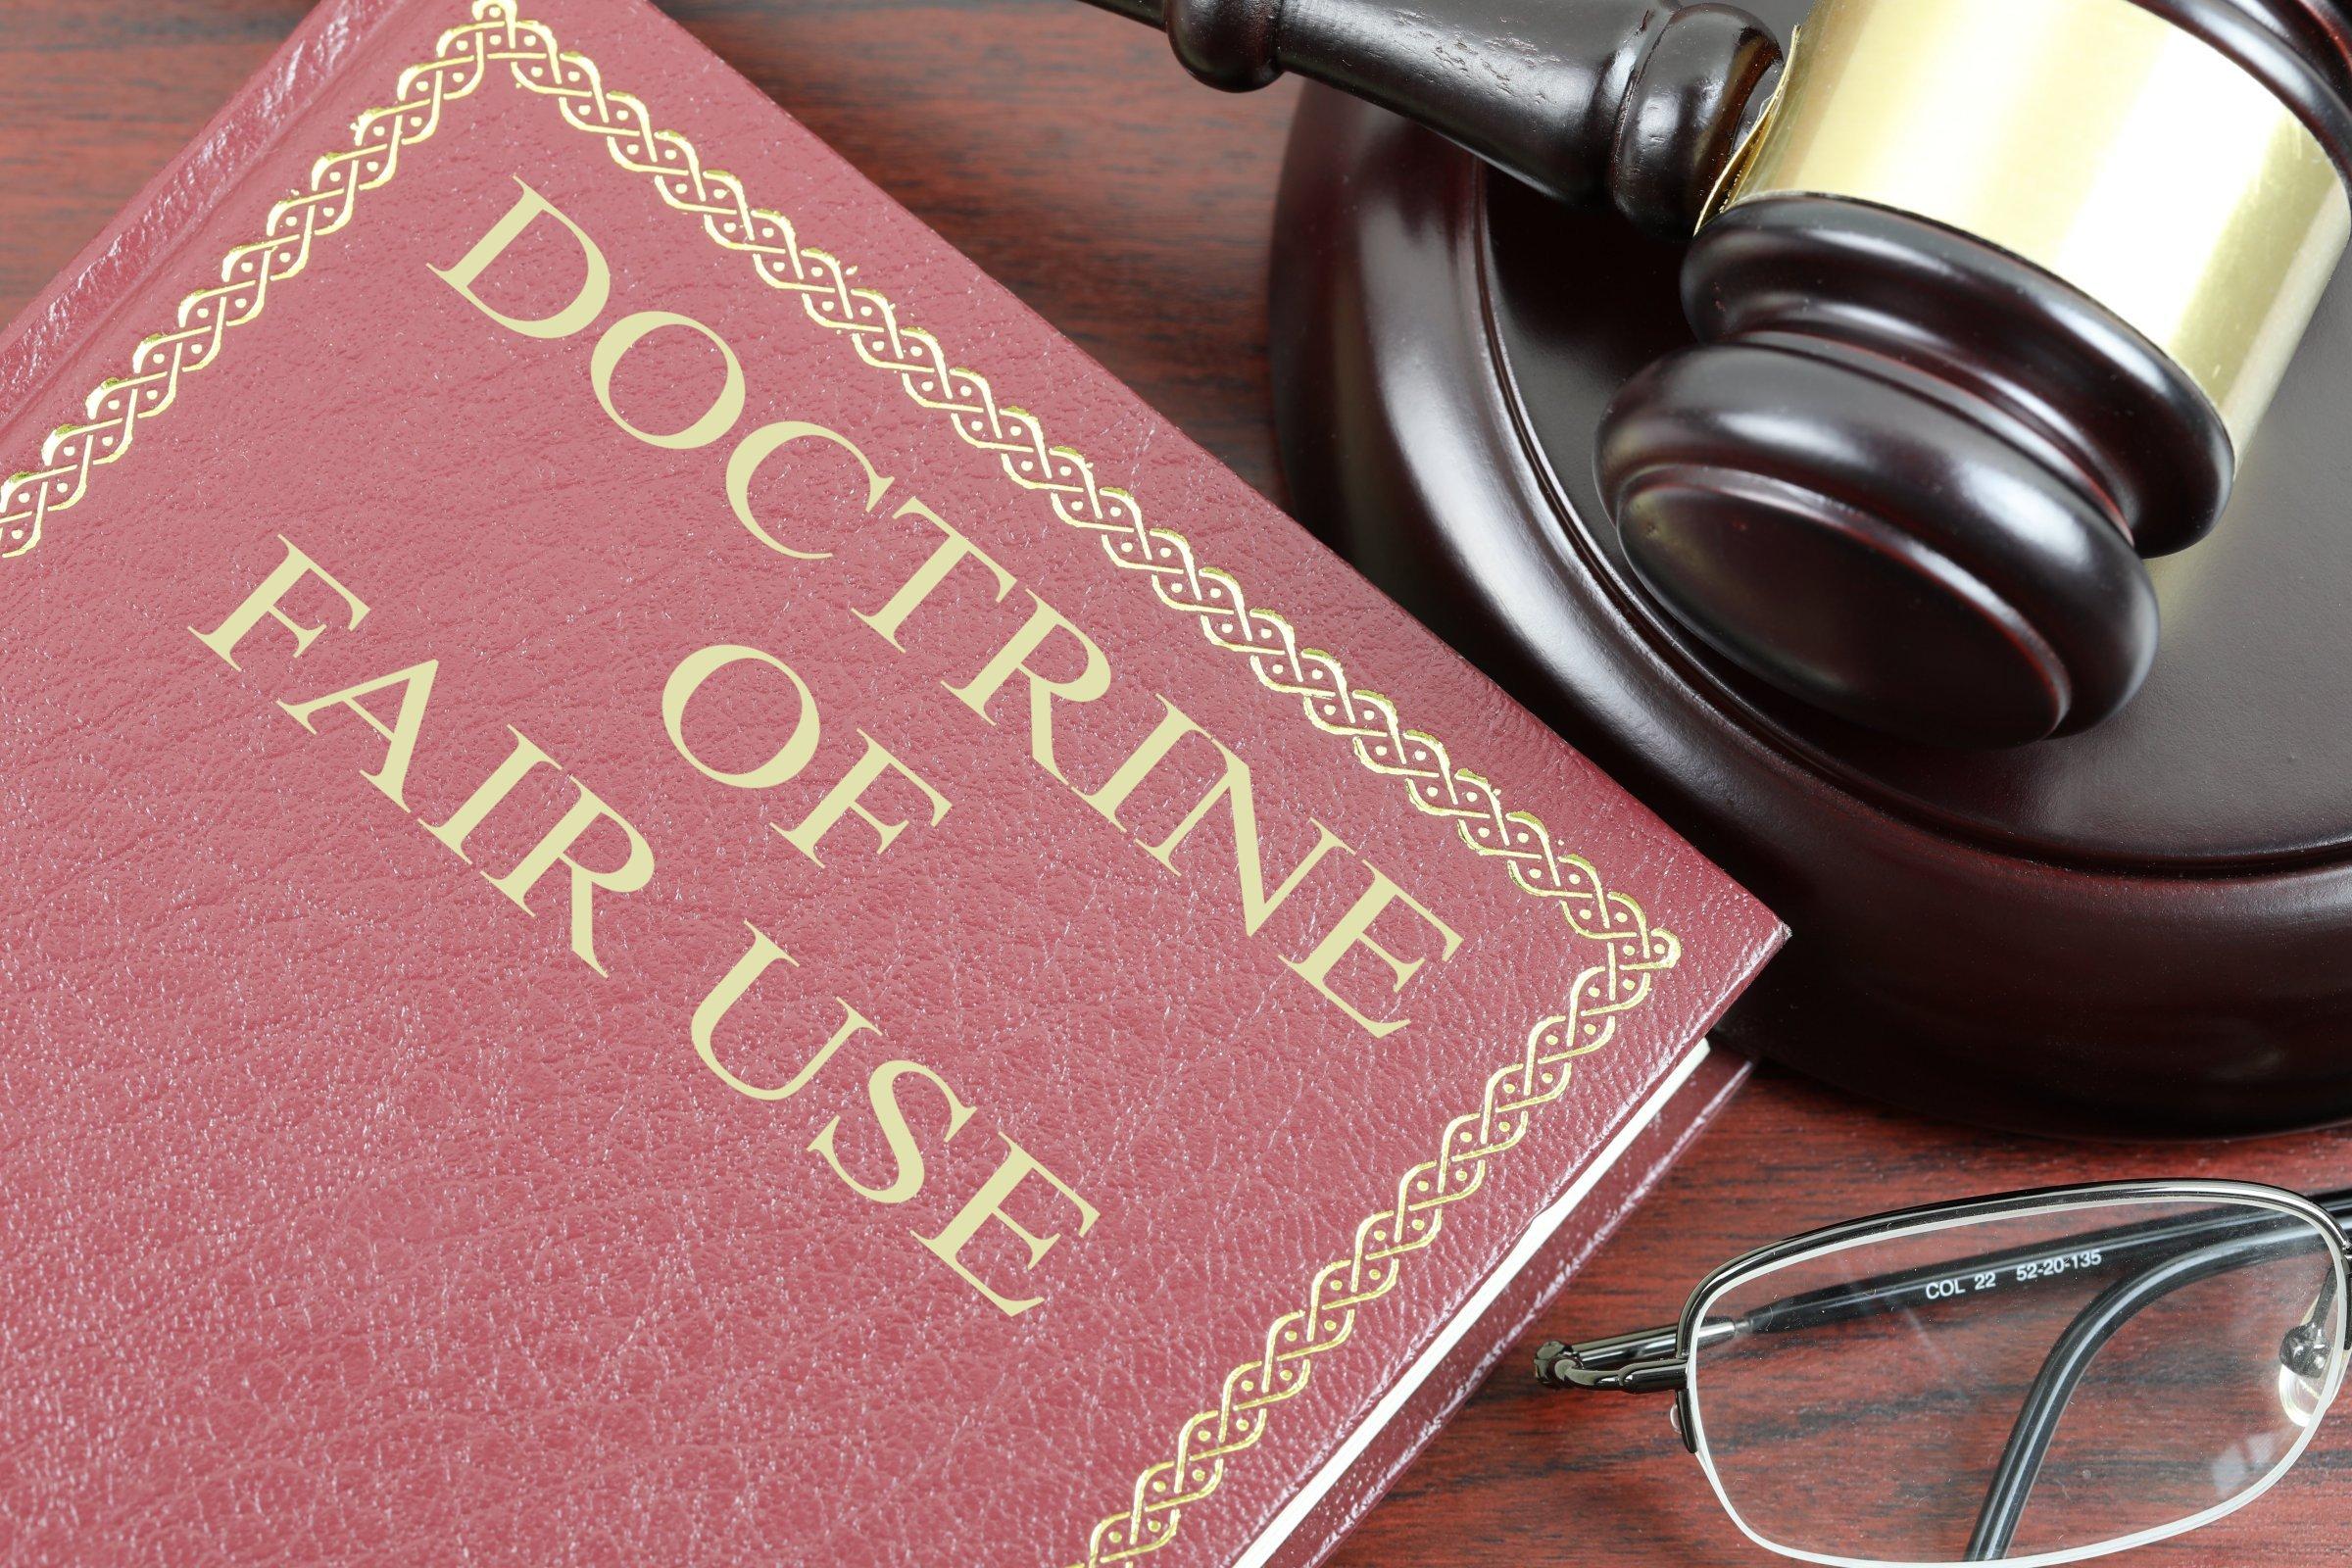 doctrine of fair use